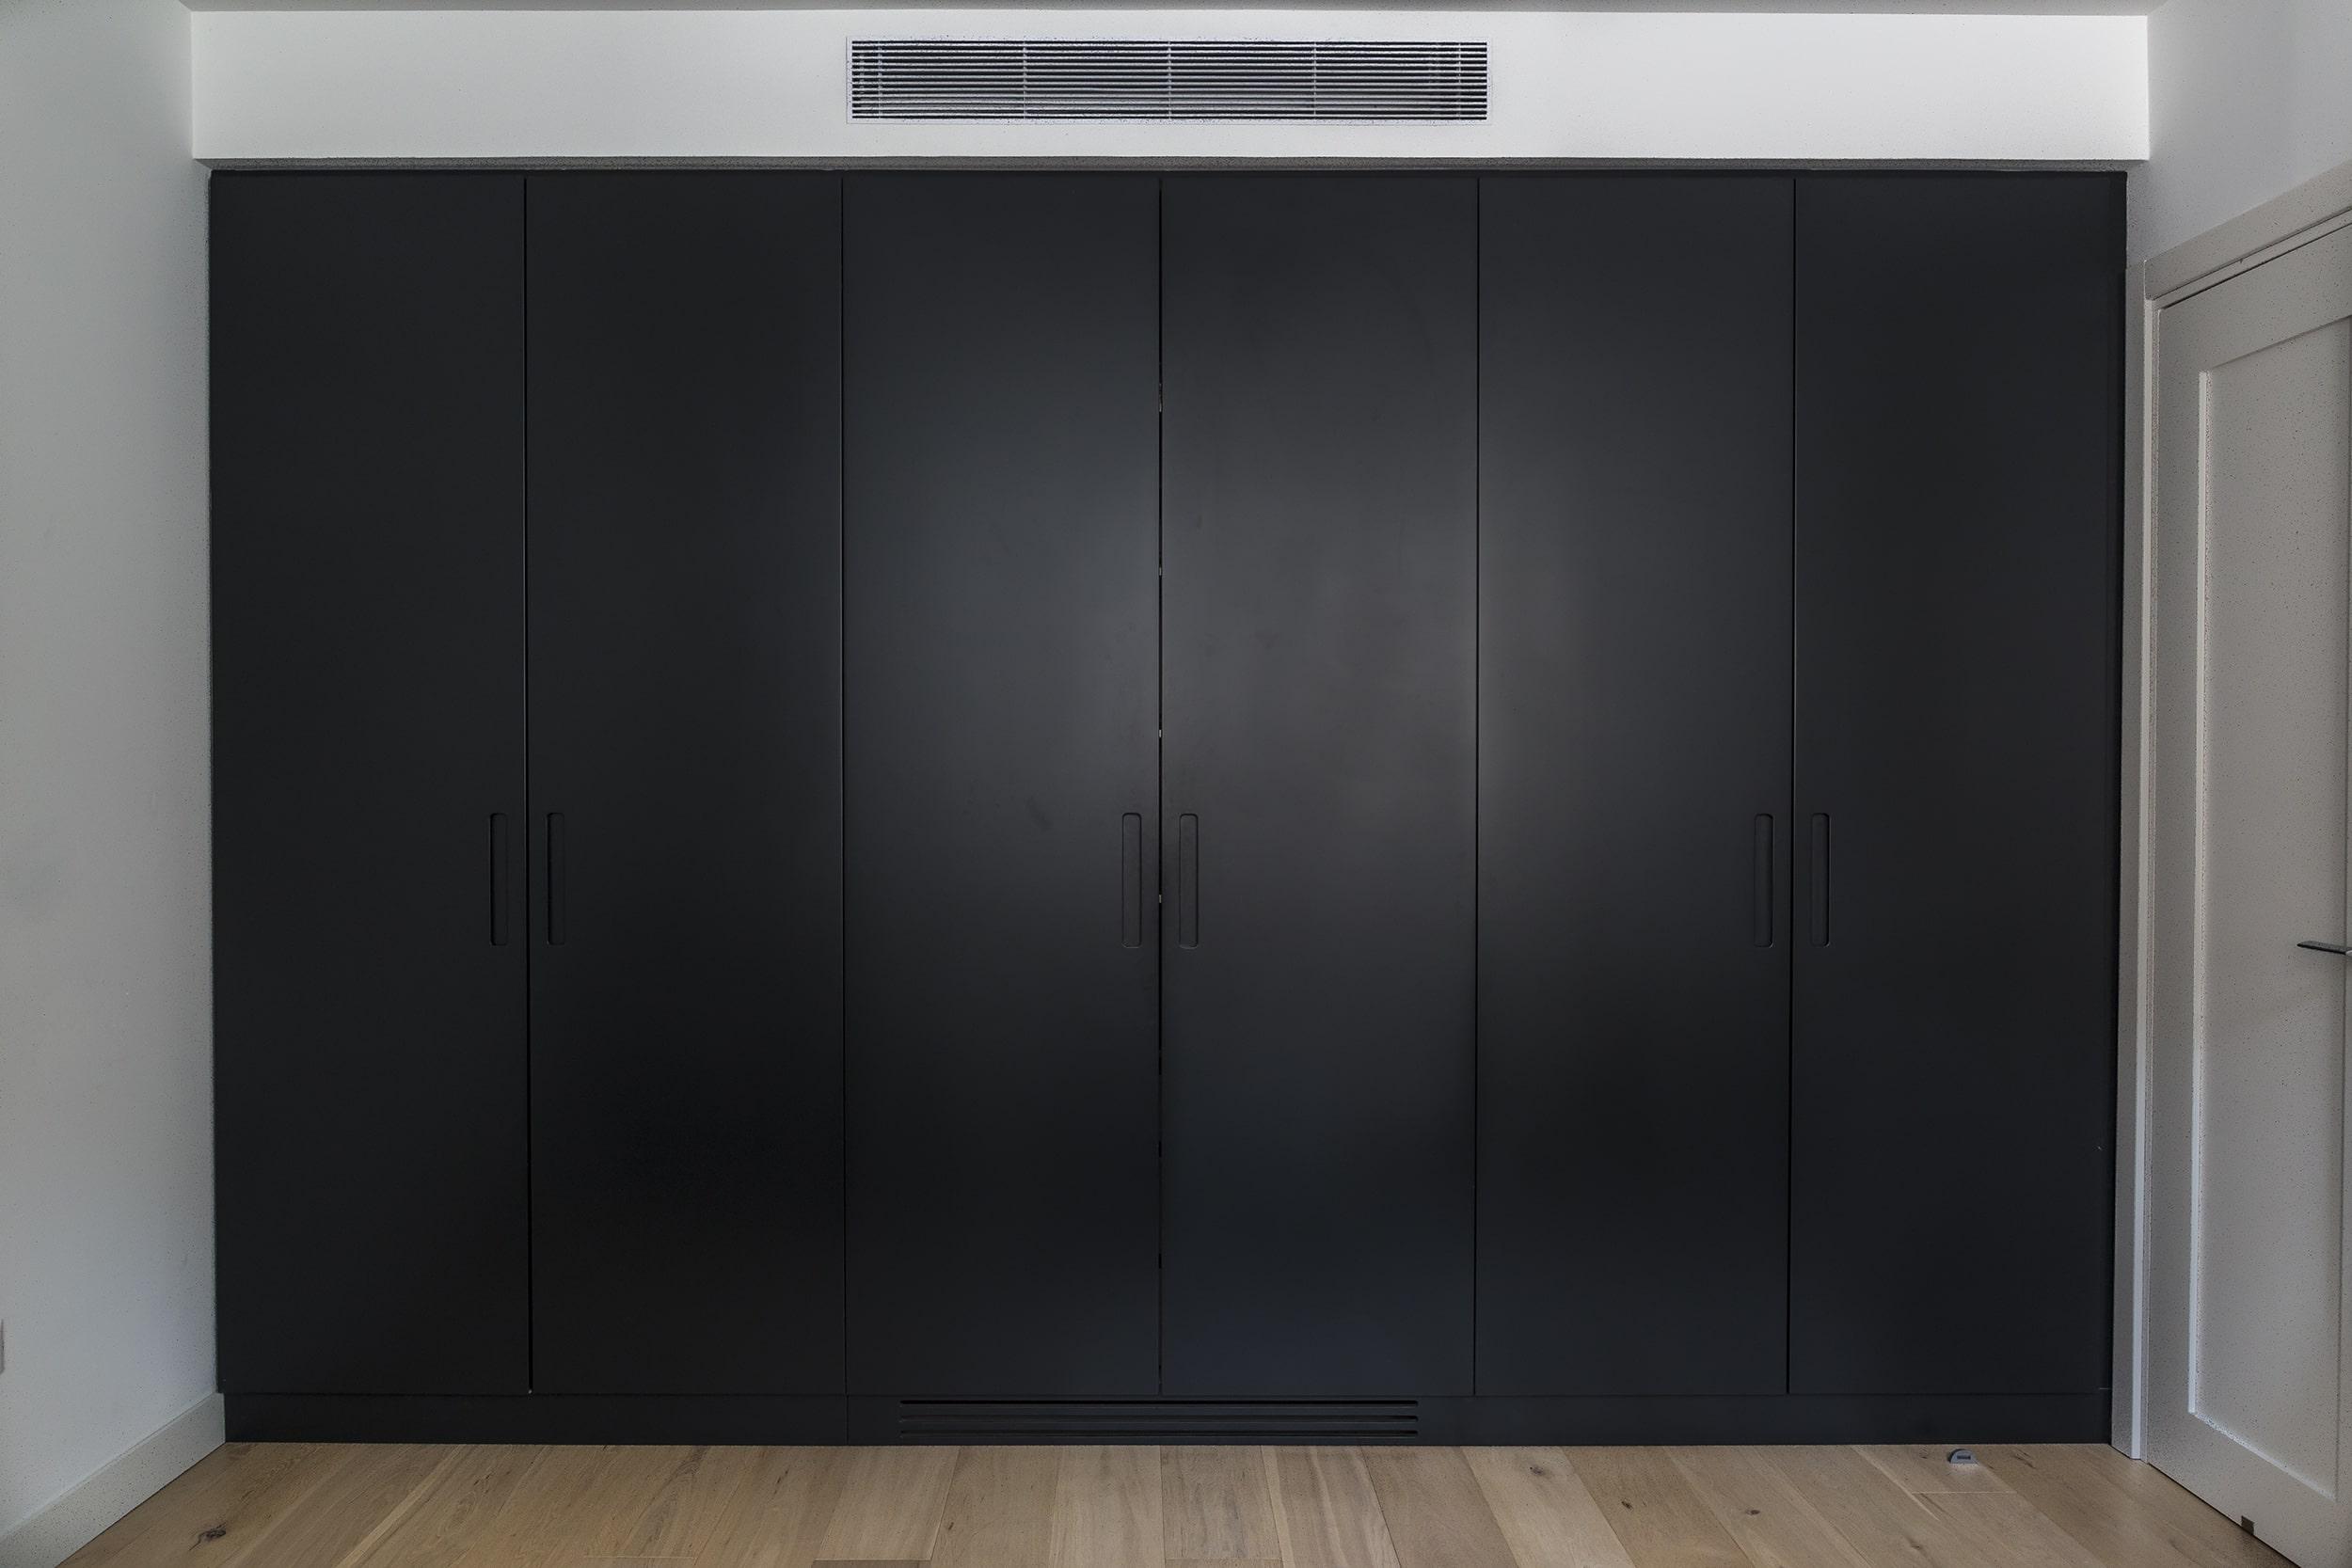 ארון בגדים צבע שחור